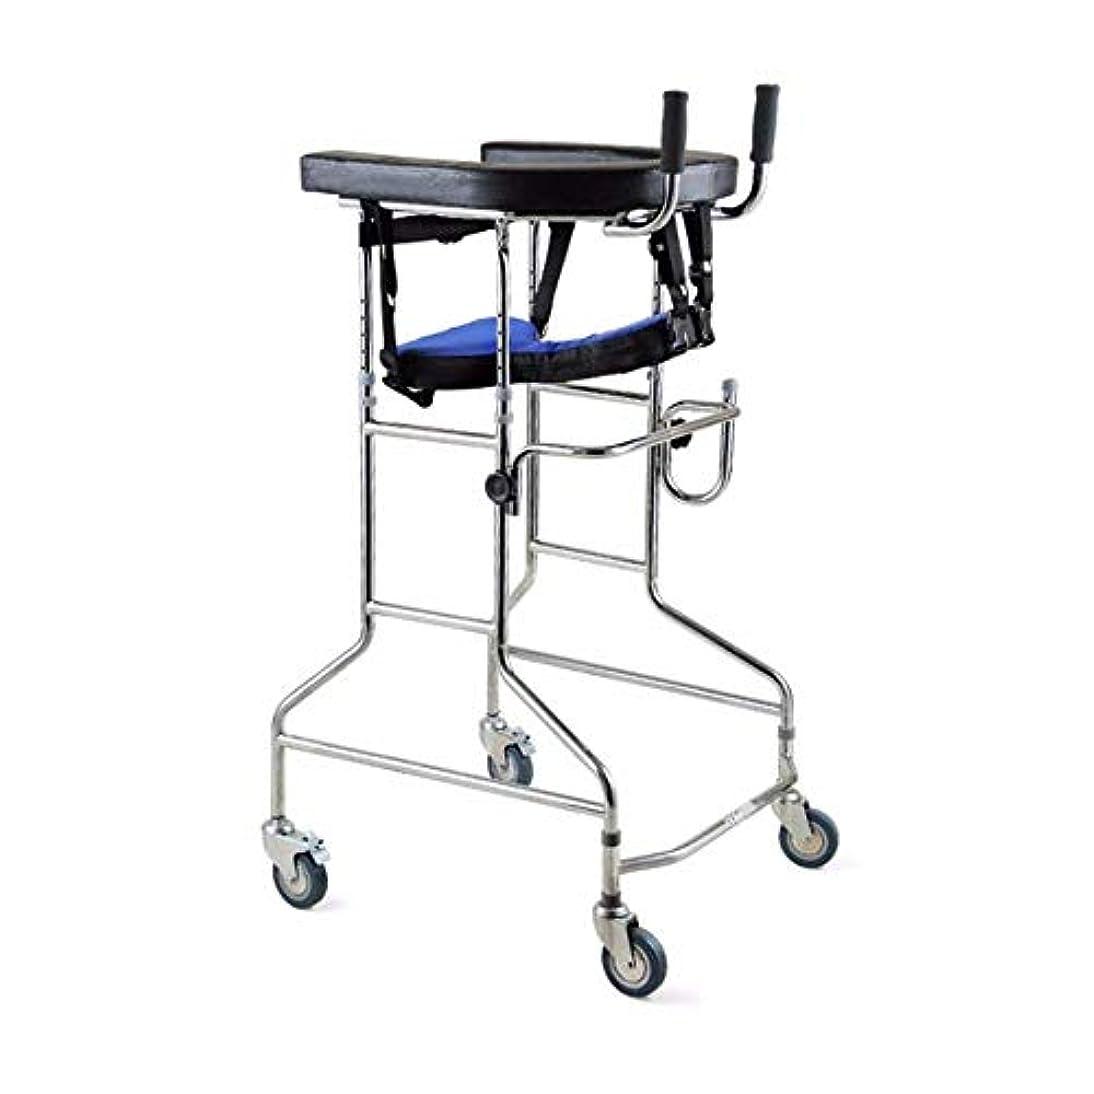 テメリティエチケットベジタリアンリハビリテーション歩行器、多機能高齢者歩行ブラケット、身体障害者用両腕歩行器 (Color : 黒)